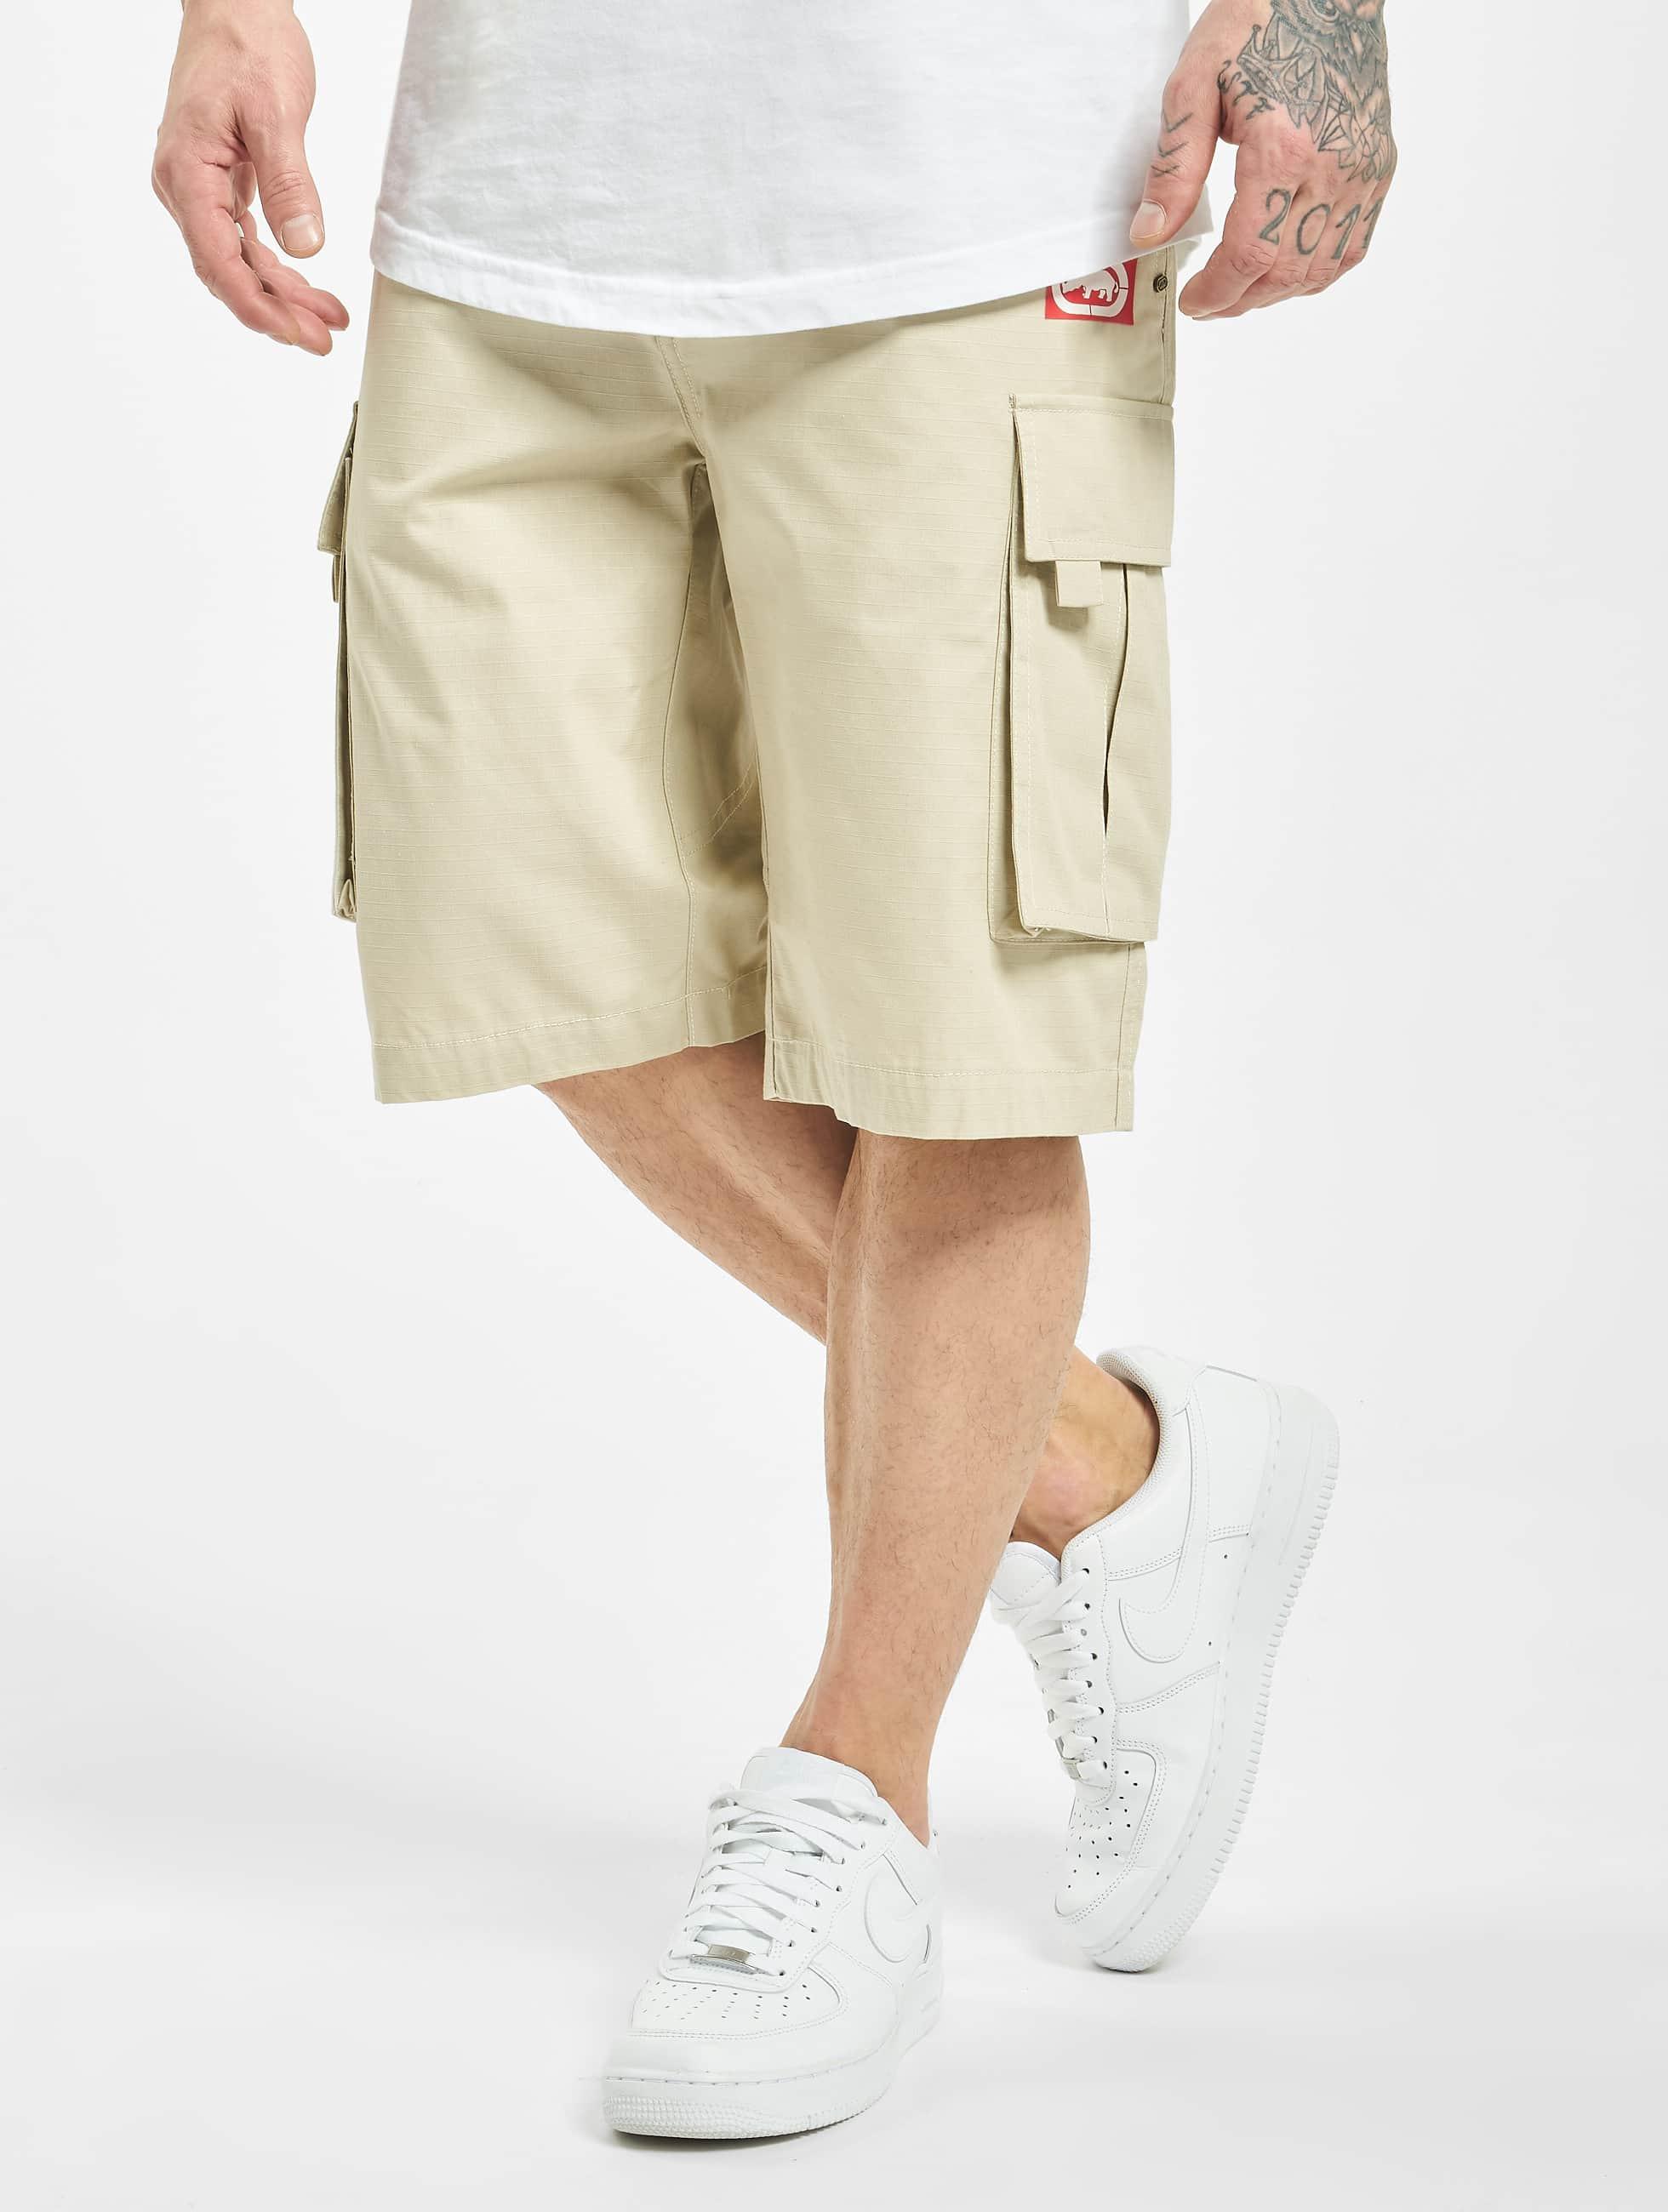 Ecko Unltd. / Short Unltd. Rockaway in beige 40